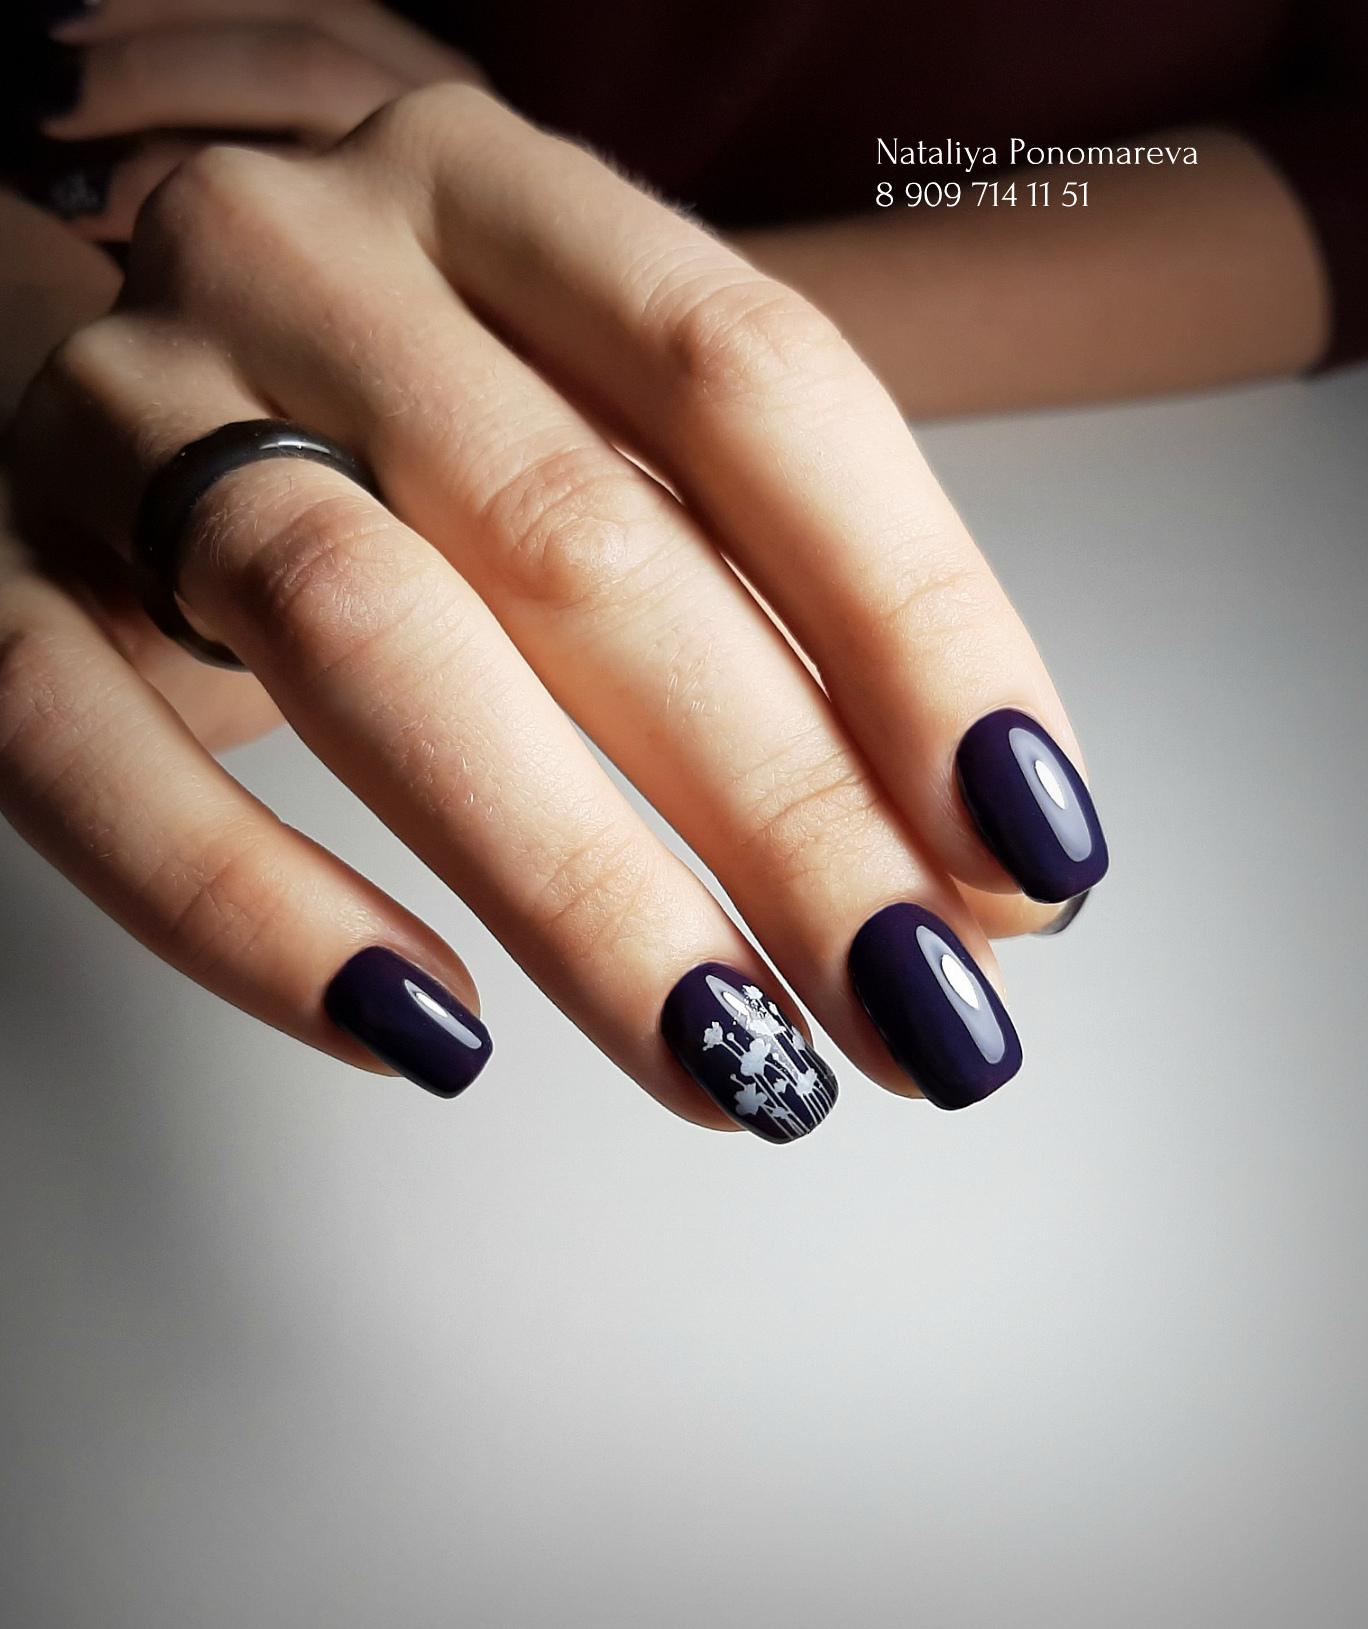 Маникюр в тёмно-синем цвете с растительными слайдерами.